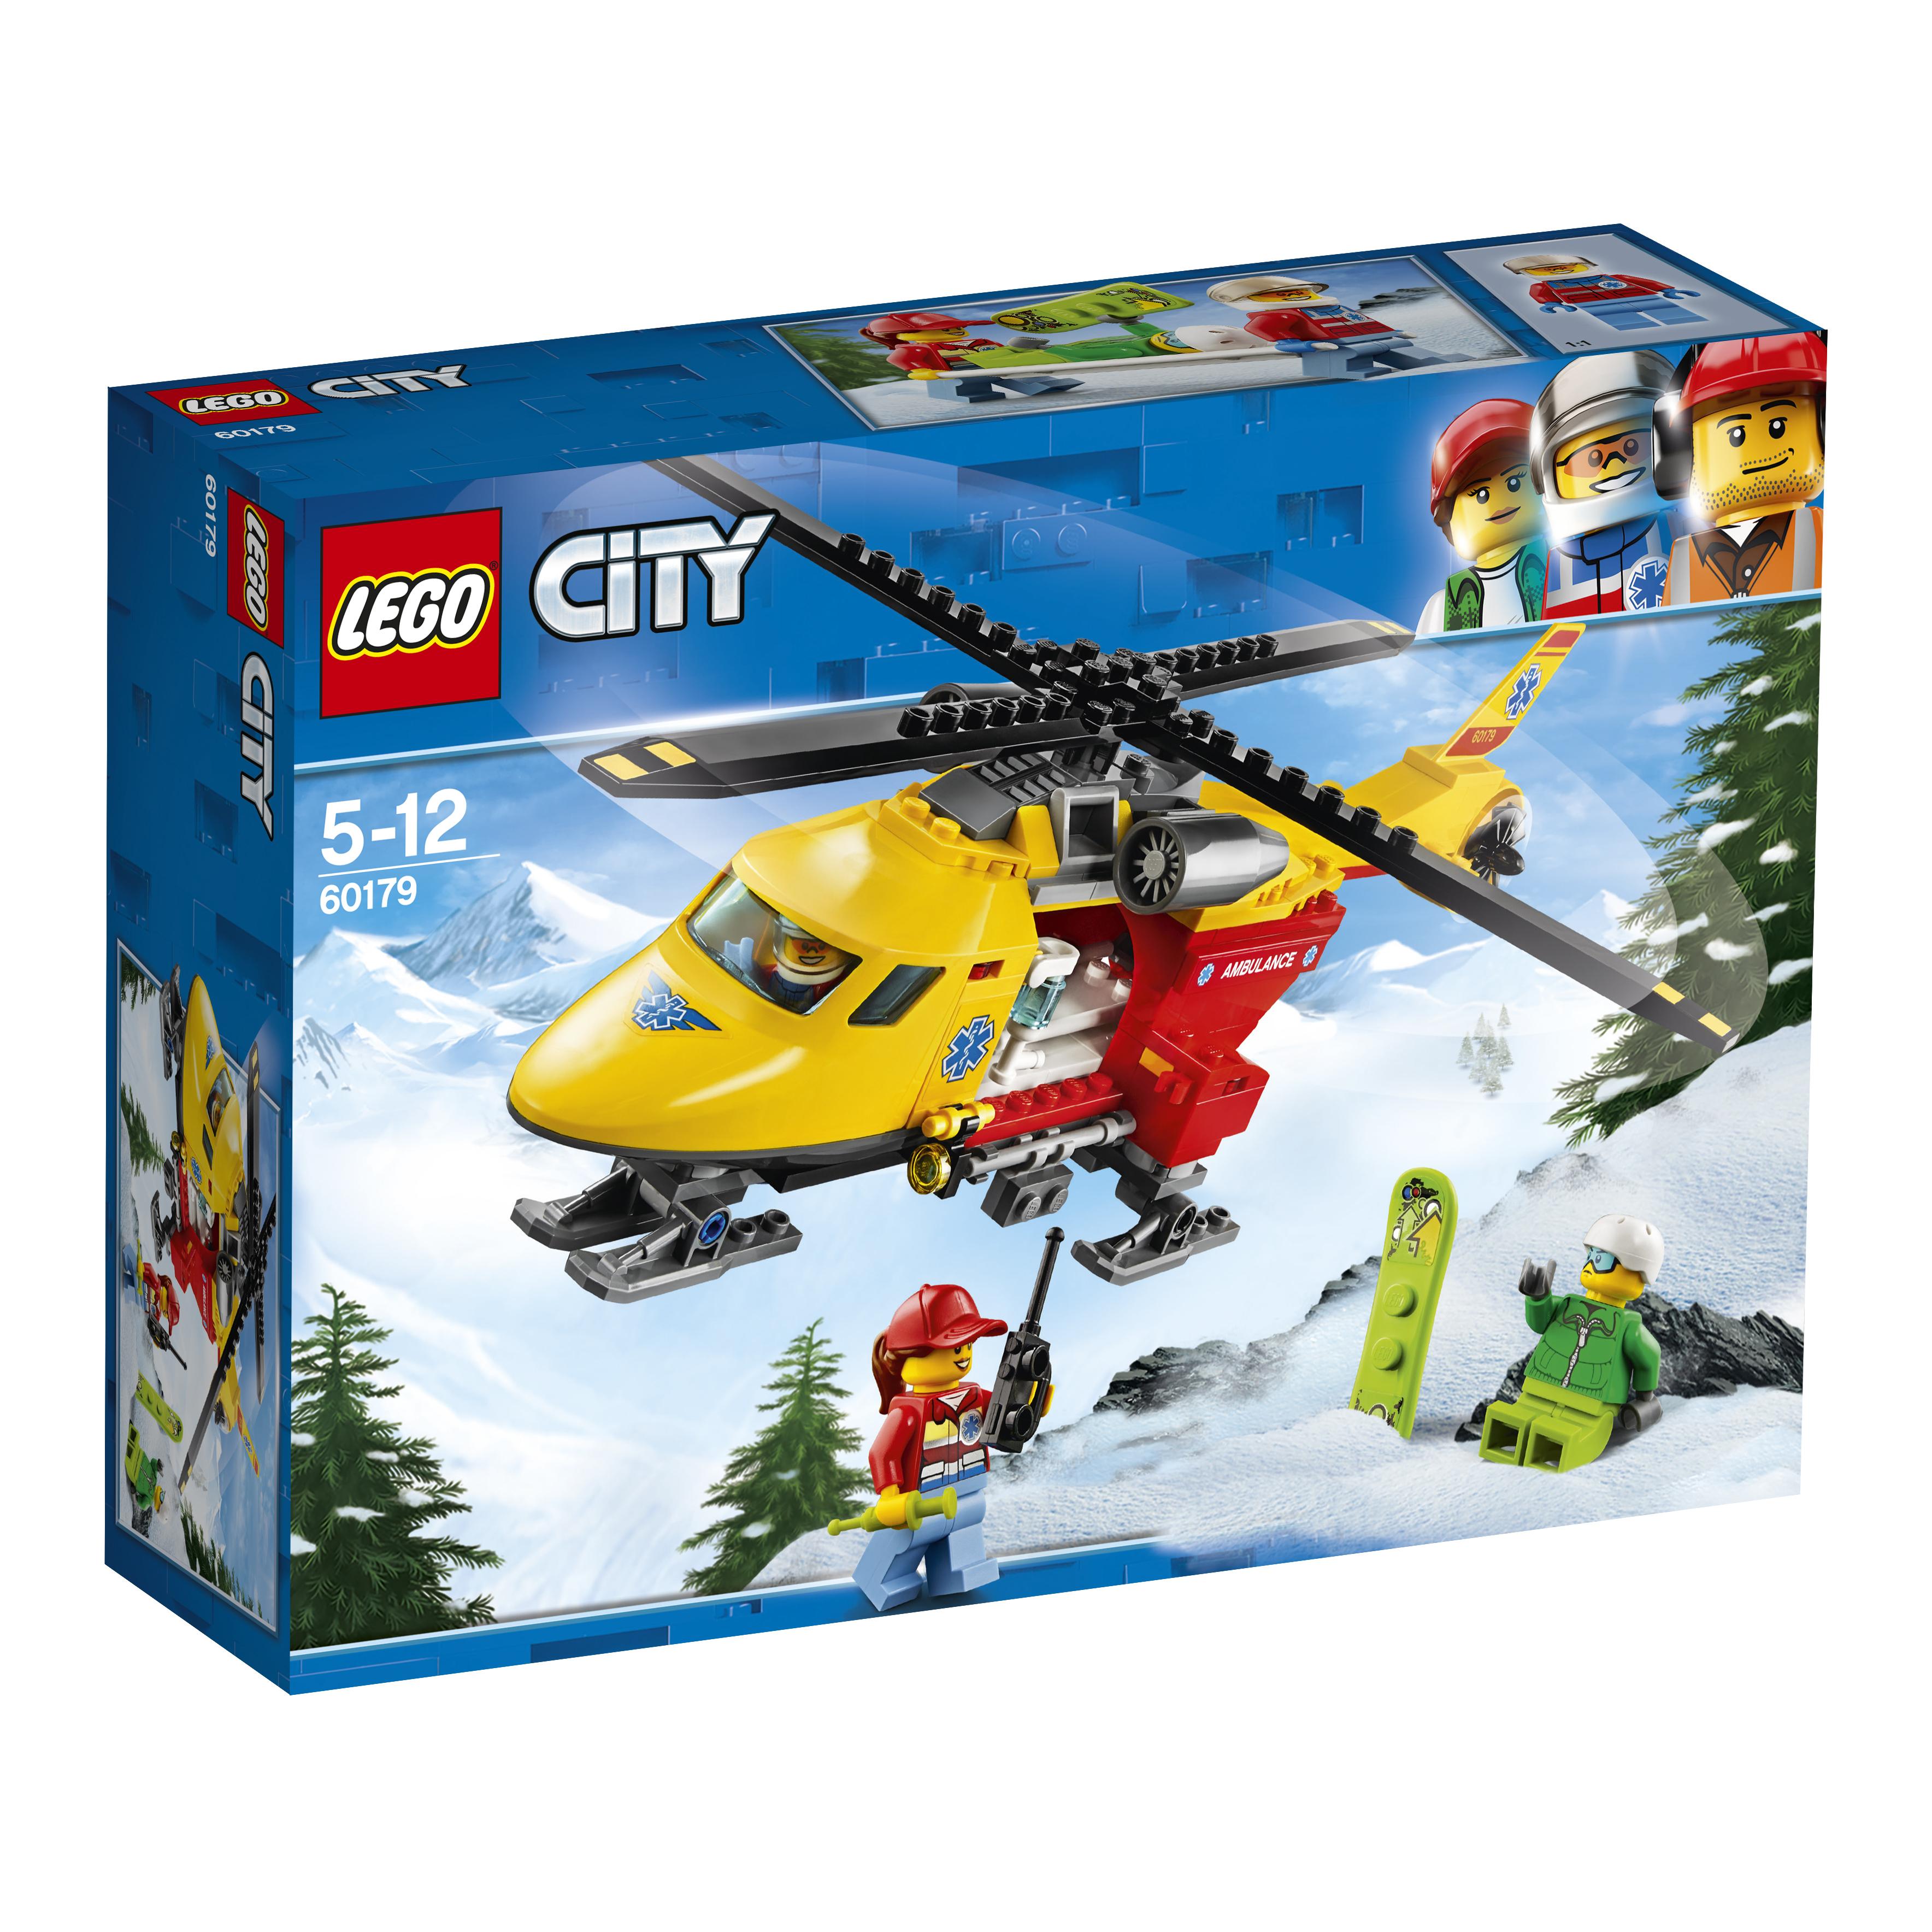 Конструктор LEGO City Great Vehicles 60179 Вертолёт скорой помощи конструктор lego lego 42057 конструктор сверхлёгкий вертолёт